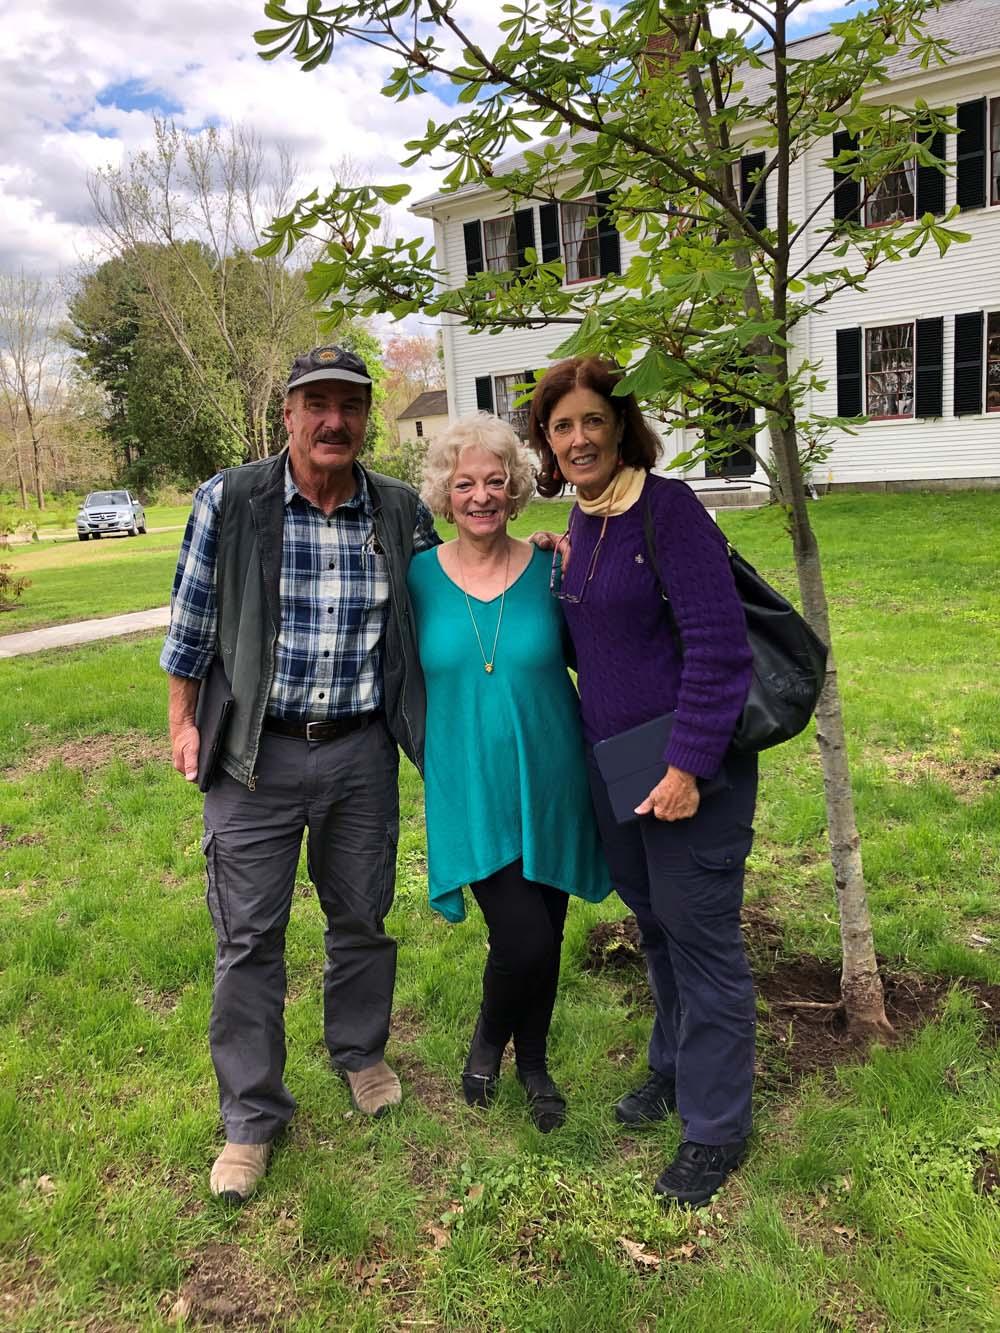 Arborists Anne and Dennis Yniquiez.